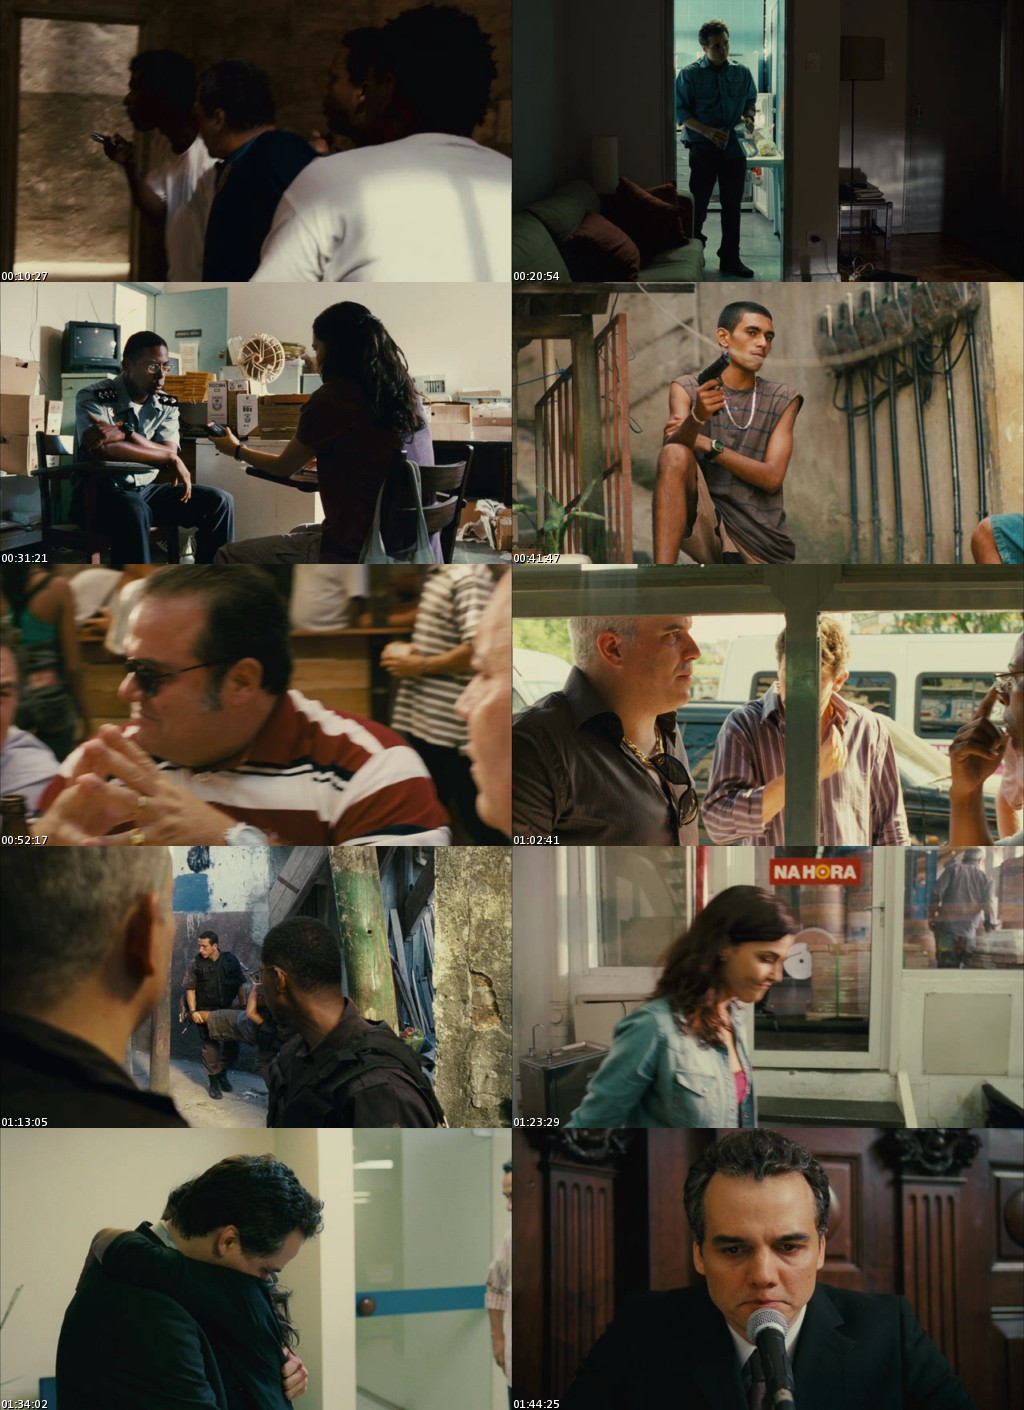 Tropa de Élite 2 (2010) [DVDRip] [Latino]